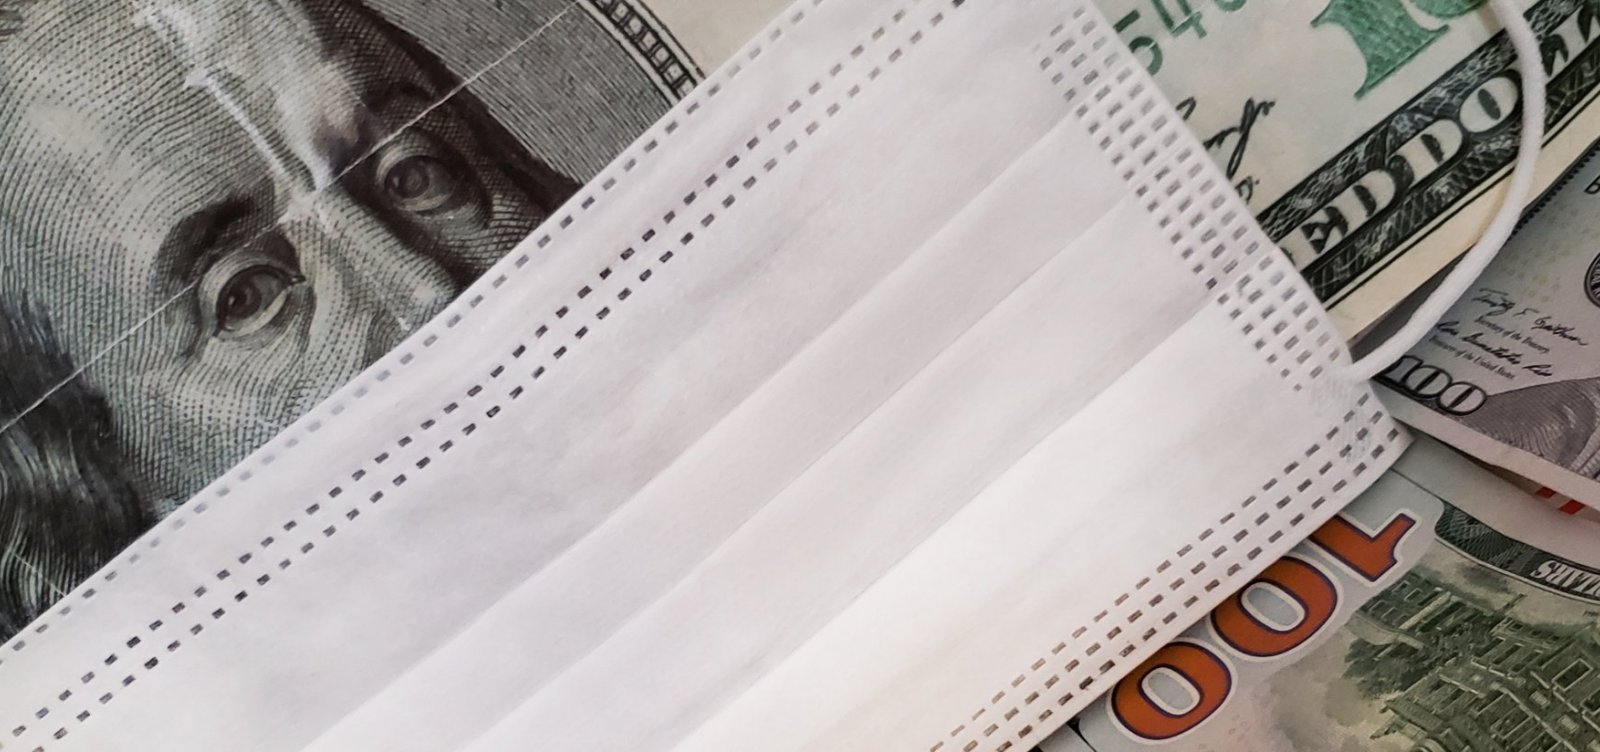 Com incertezas fiscais, dólar fecha em queda cotado a R$ 5,37